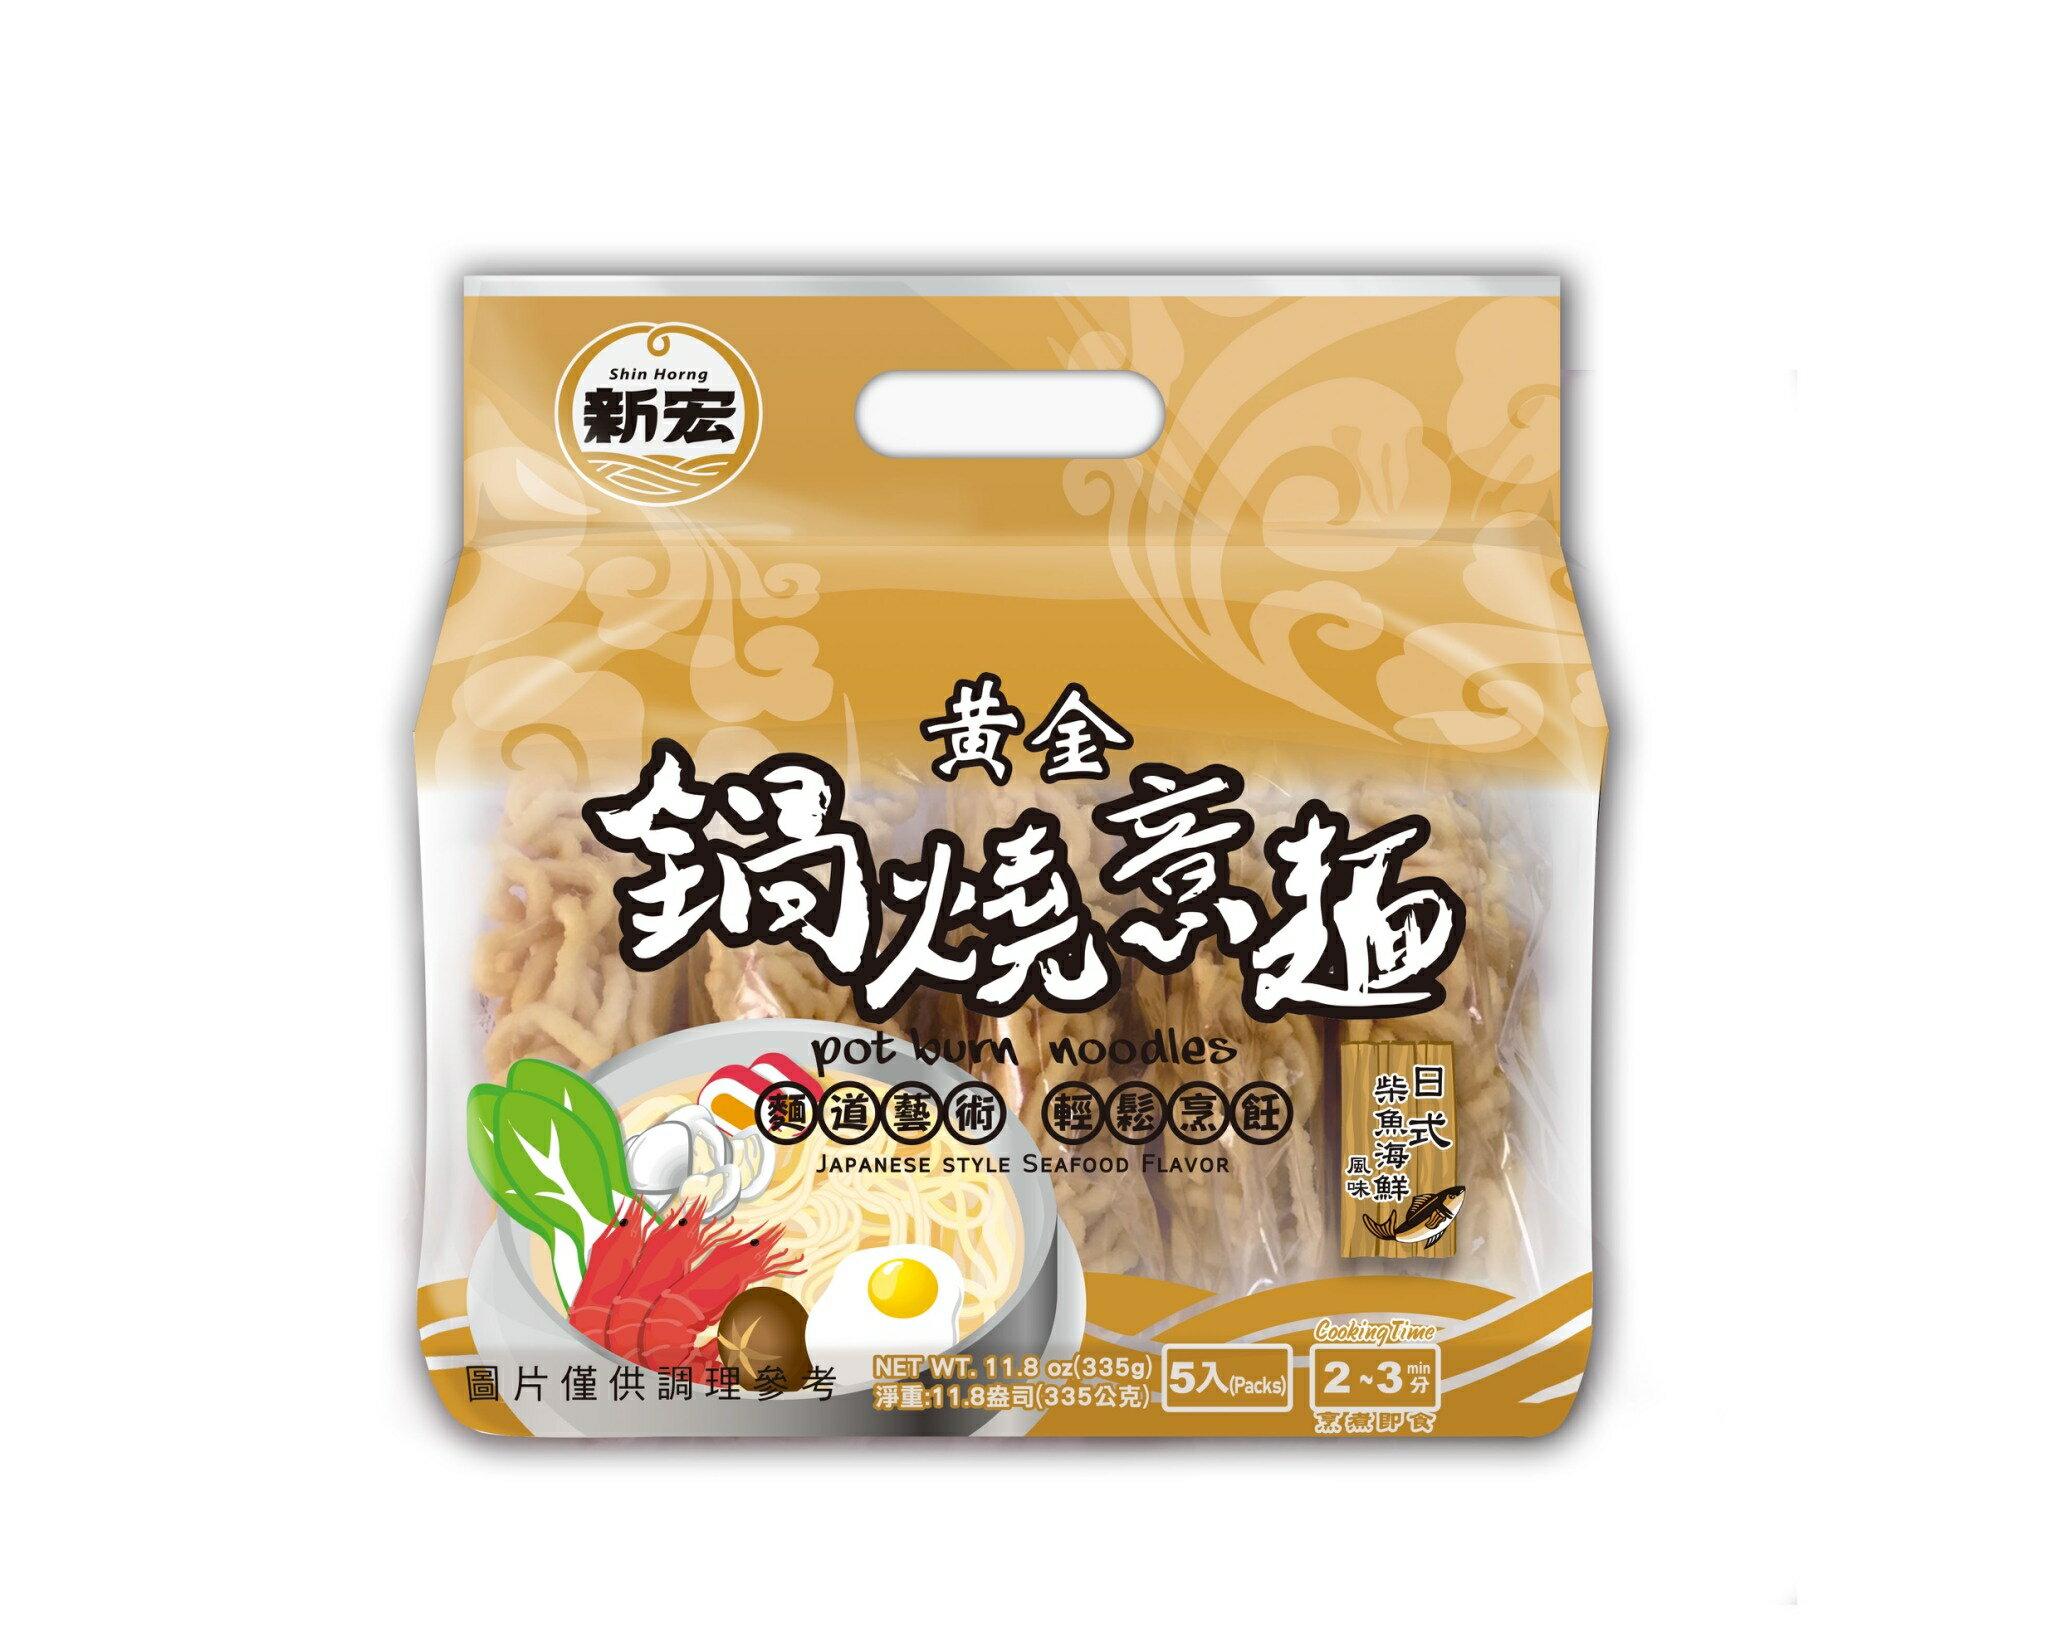 【新宏】黃金鍋燒意麵 - 日式柴魚海鮮風味 335g/包 鍋燒意麵系列